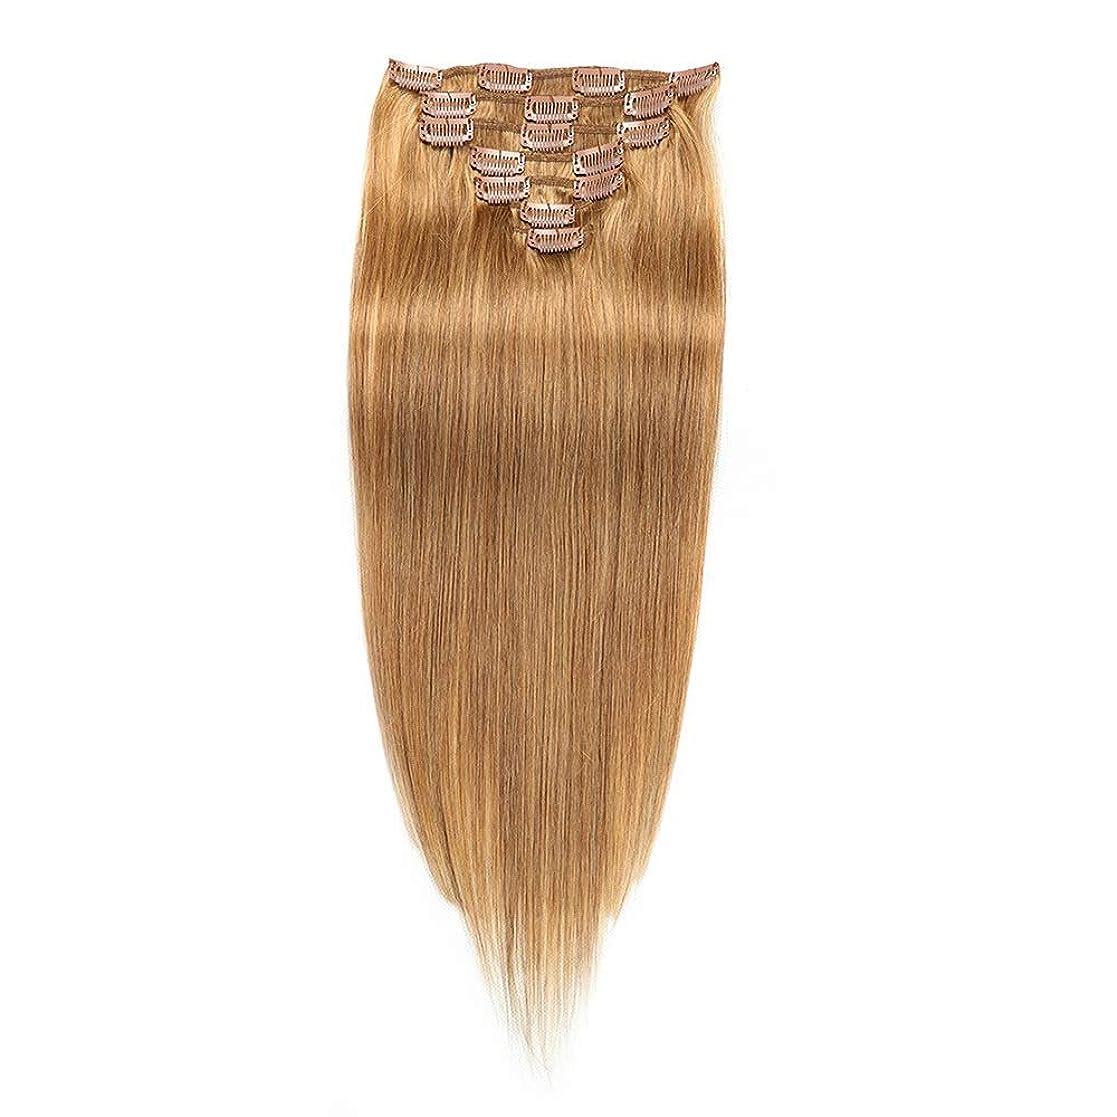 雑草謎とげのあるHOHYLLYA 7個金髪人毛エクステンションクリップイン - #12明るいブロンドカラーストレートヘア22インチナチュラルルッキングロールプレッグウィッグレディースナチュラルウィッグ (色 : #12 blonde)